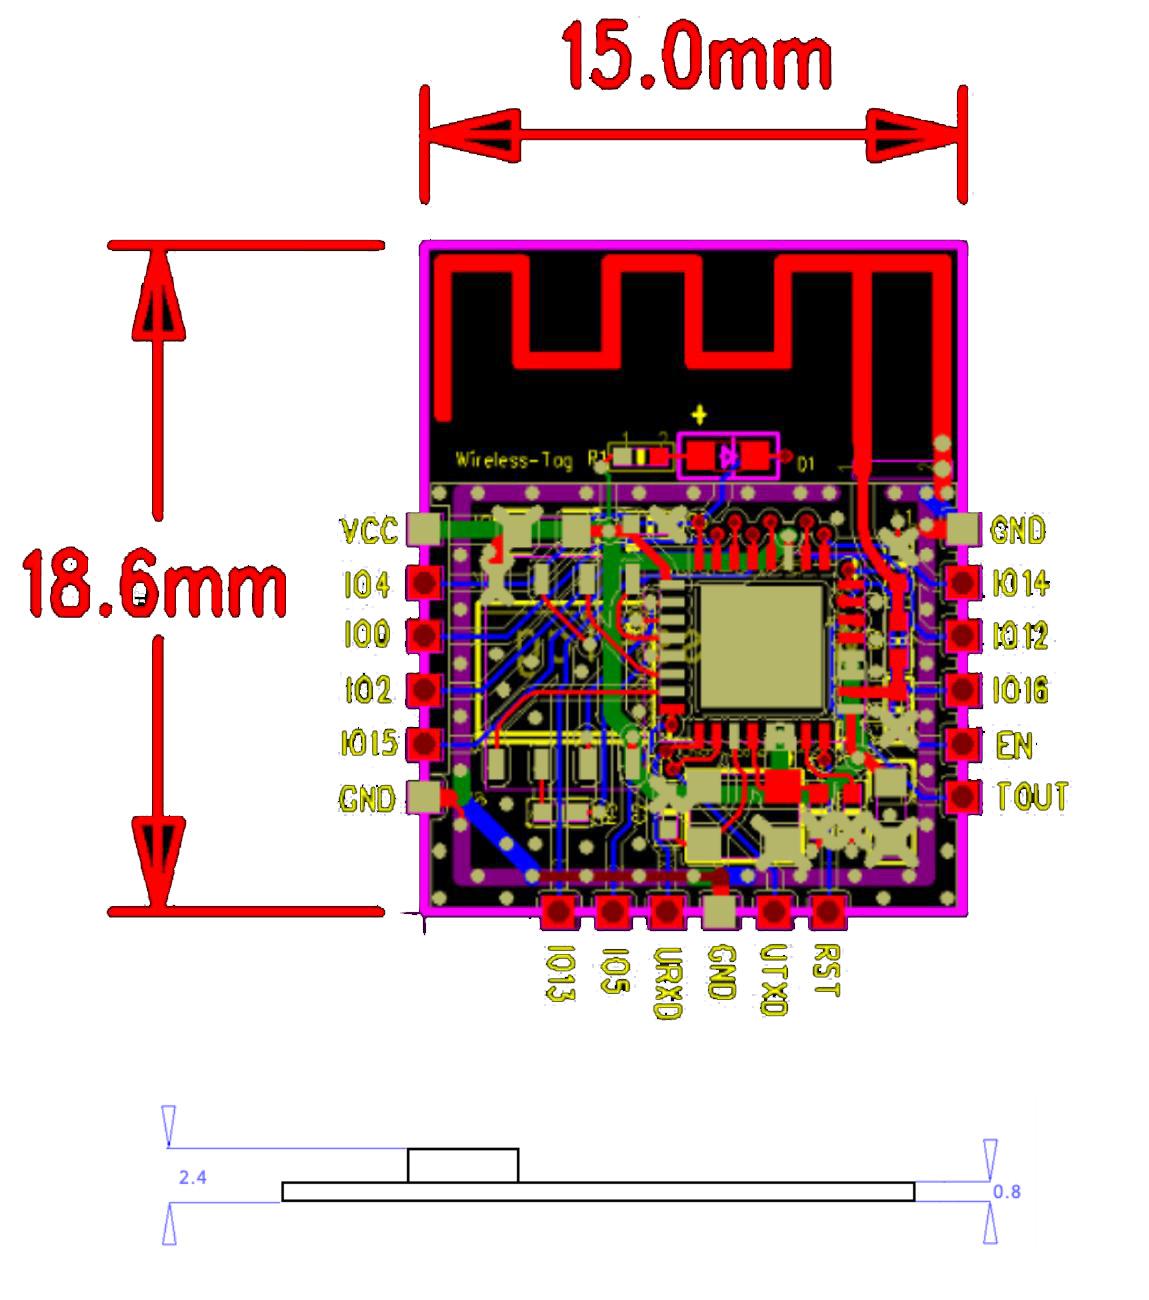 wt8266-s1-pins